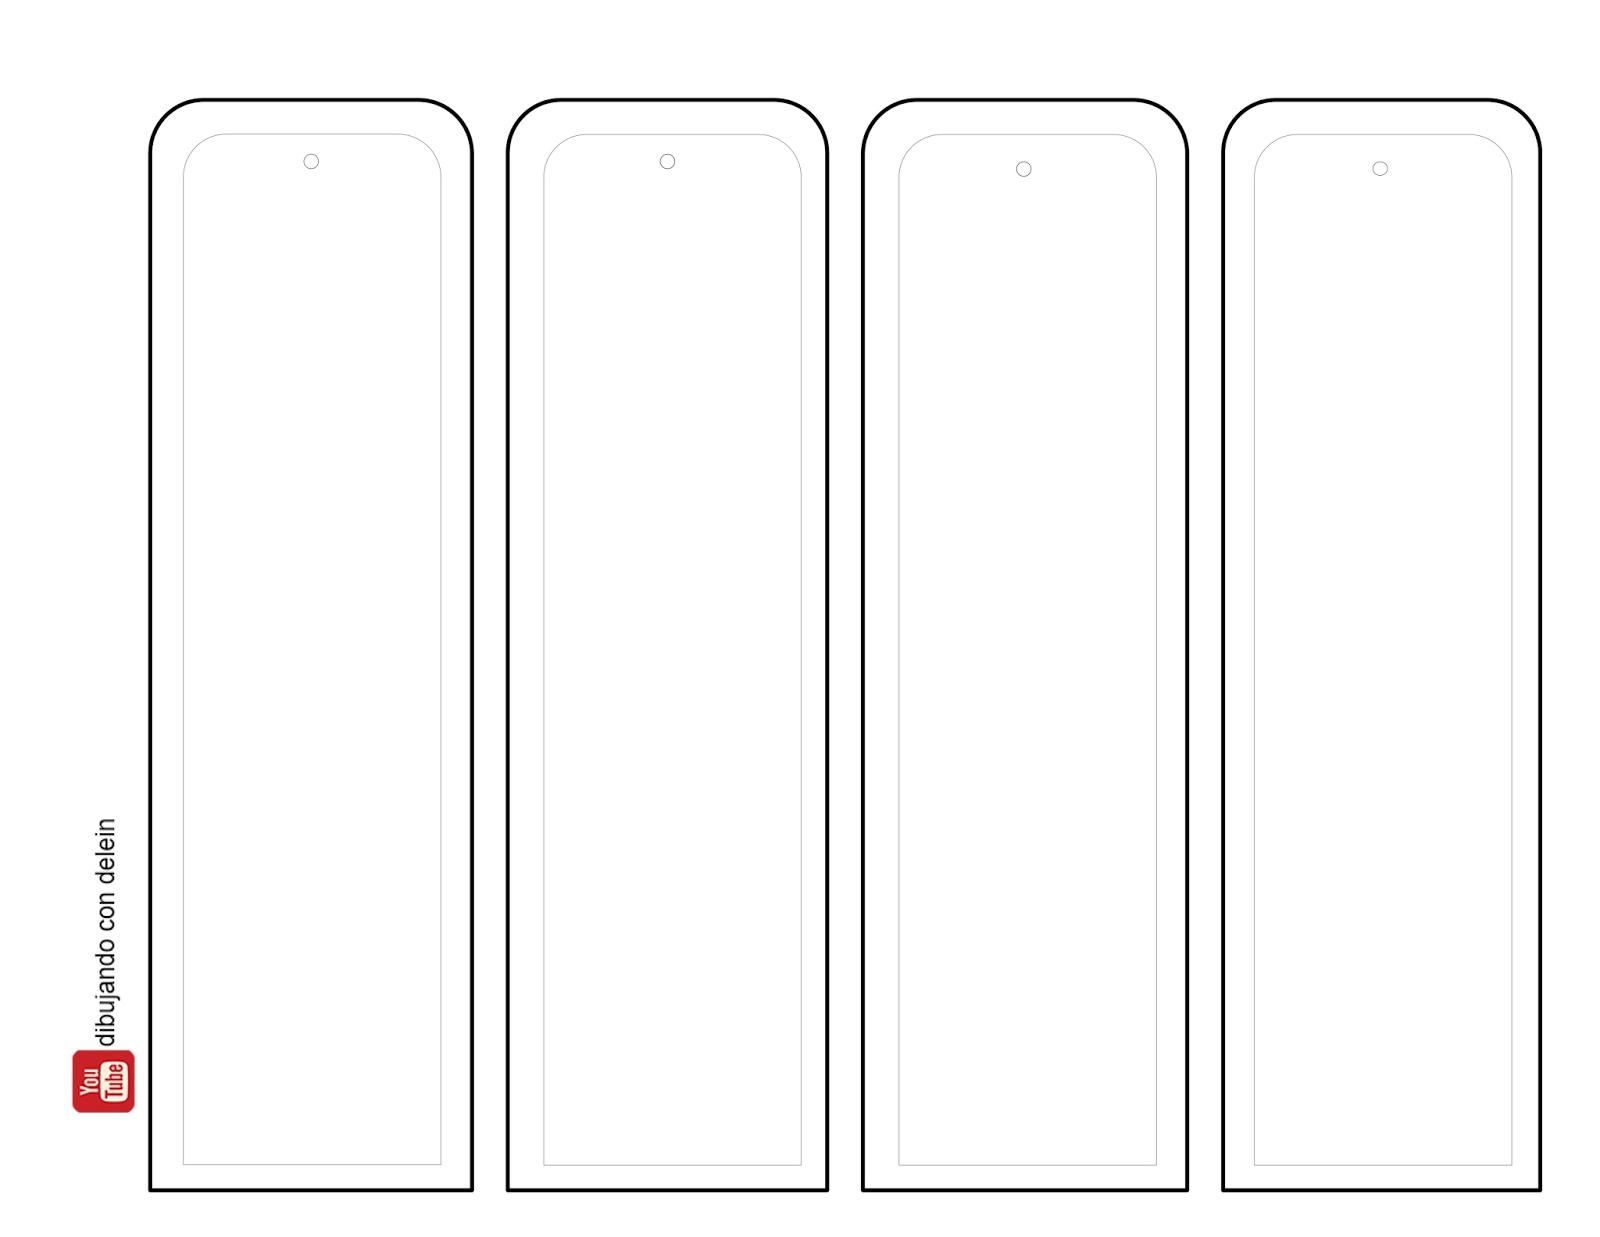 Dibujando Con Delein Como Hacer Una Libreta De Dibujo: Dibujando Con Delein: DIY Como Hacer Un Marcalibro